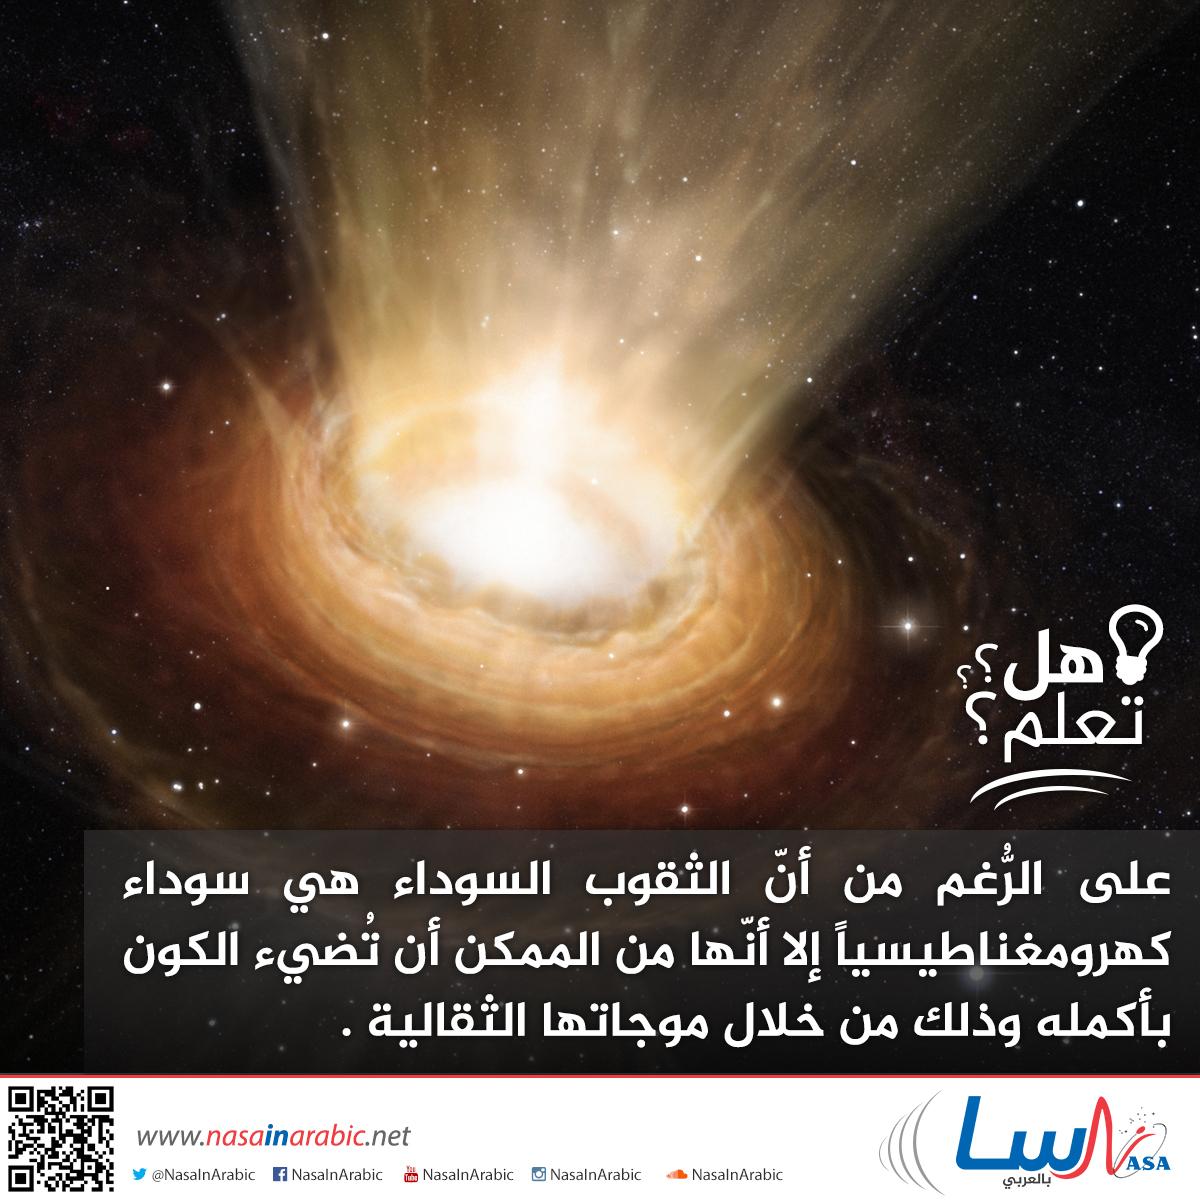 الثقوب السوداء تضيء الكون